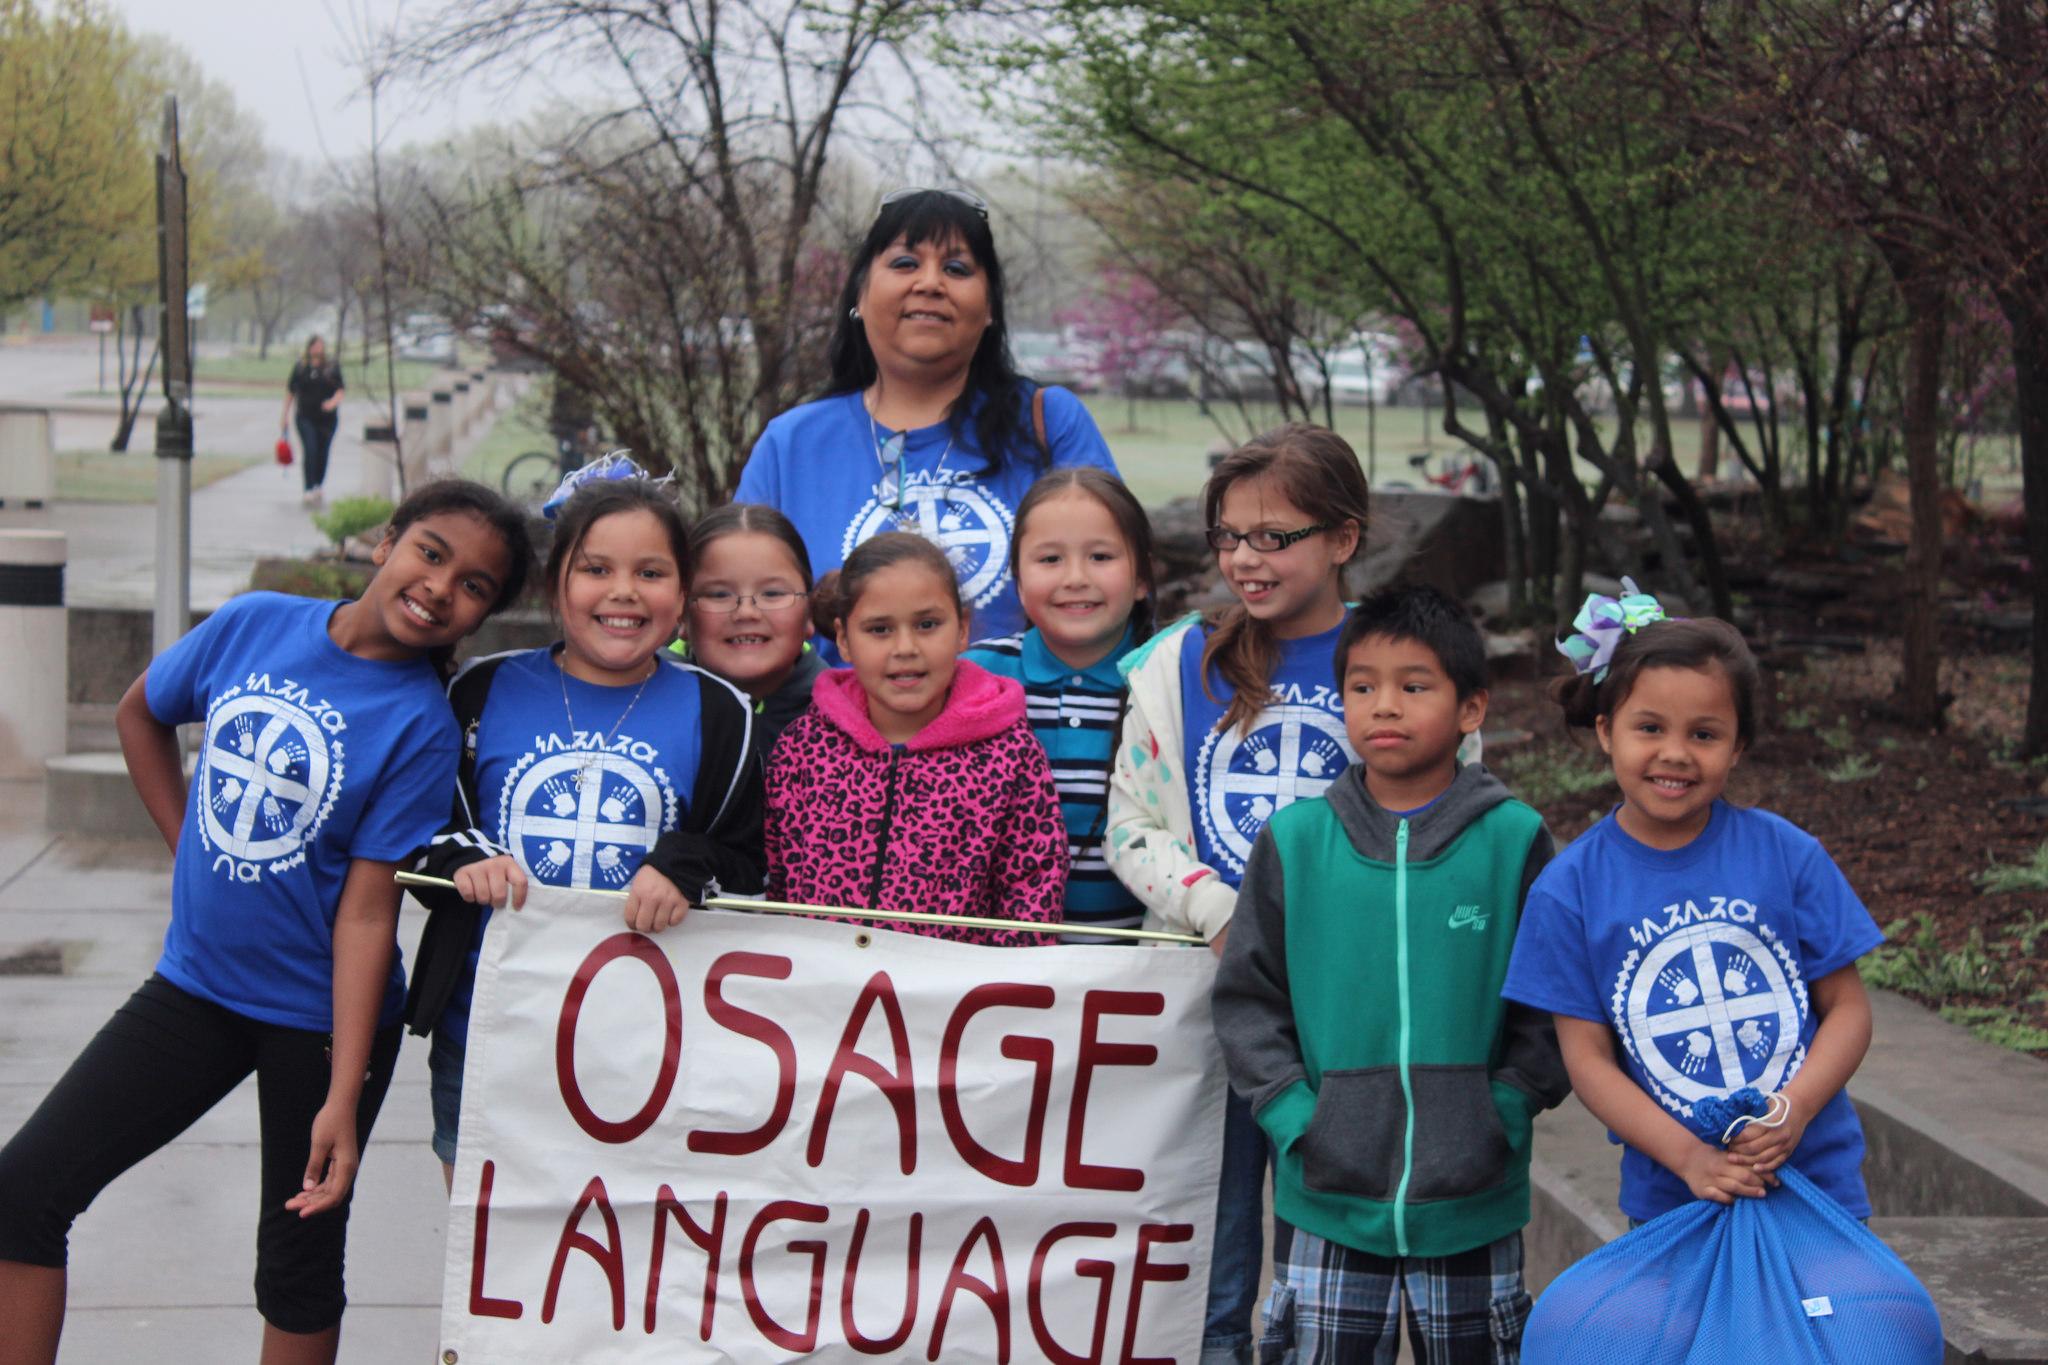 Osage youth win big at Oklahoma Native American Youth Language Fair